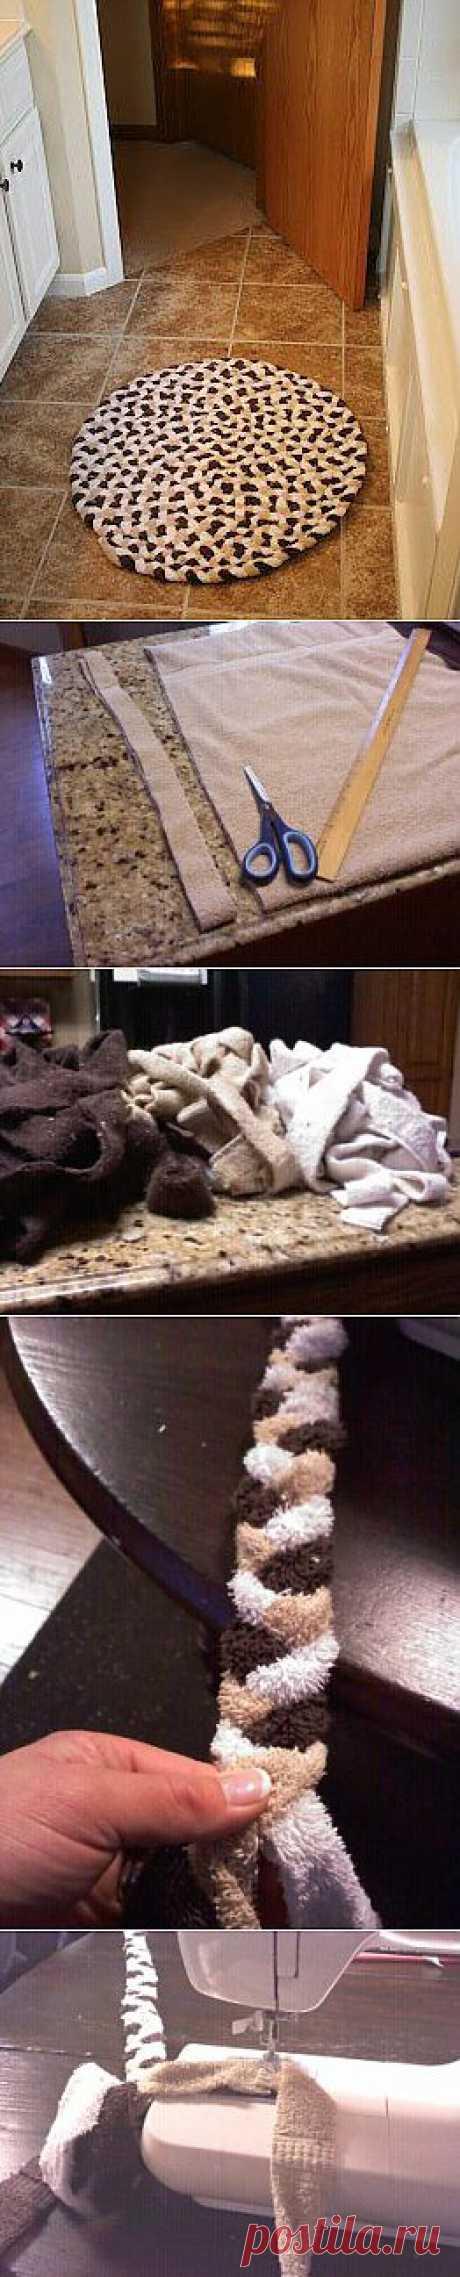 Вы выкидываете старые полотенца? А зря.  Из них можно соорудить мягкие, красивые и оригинальные корвики.